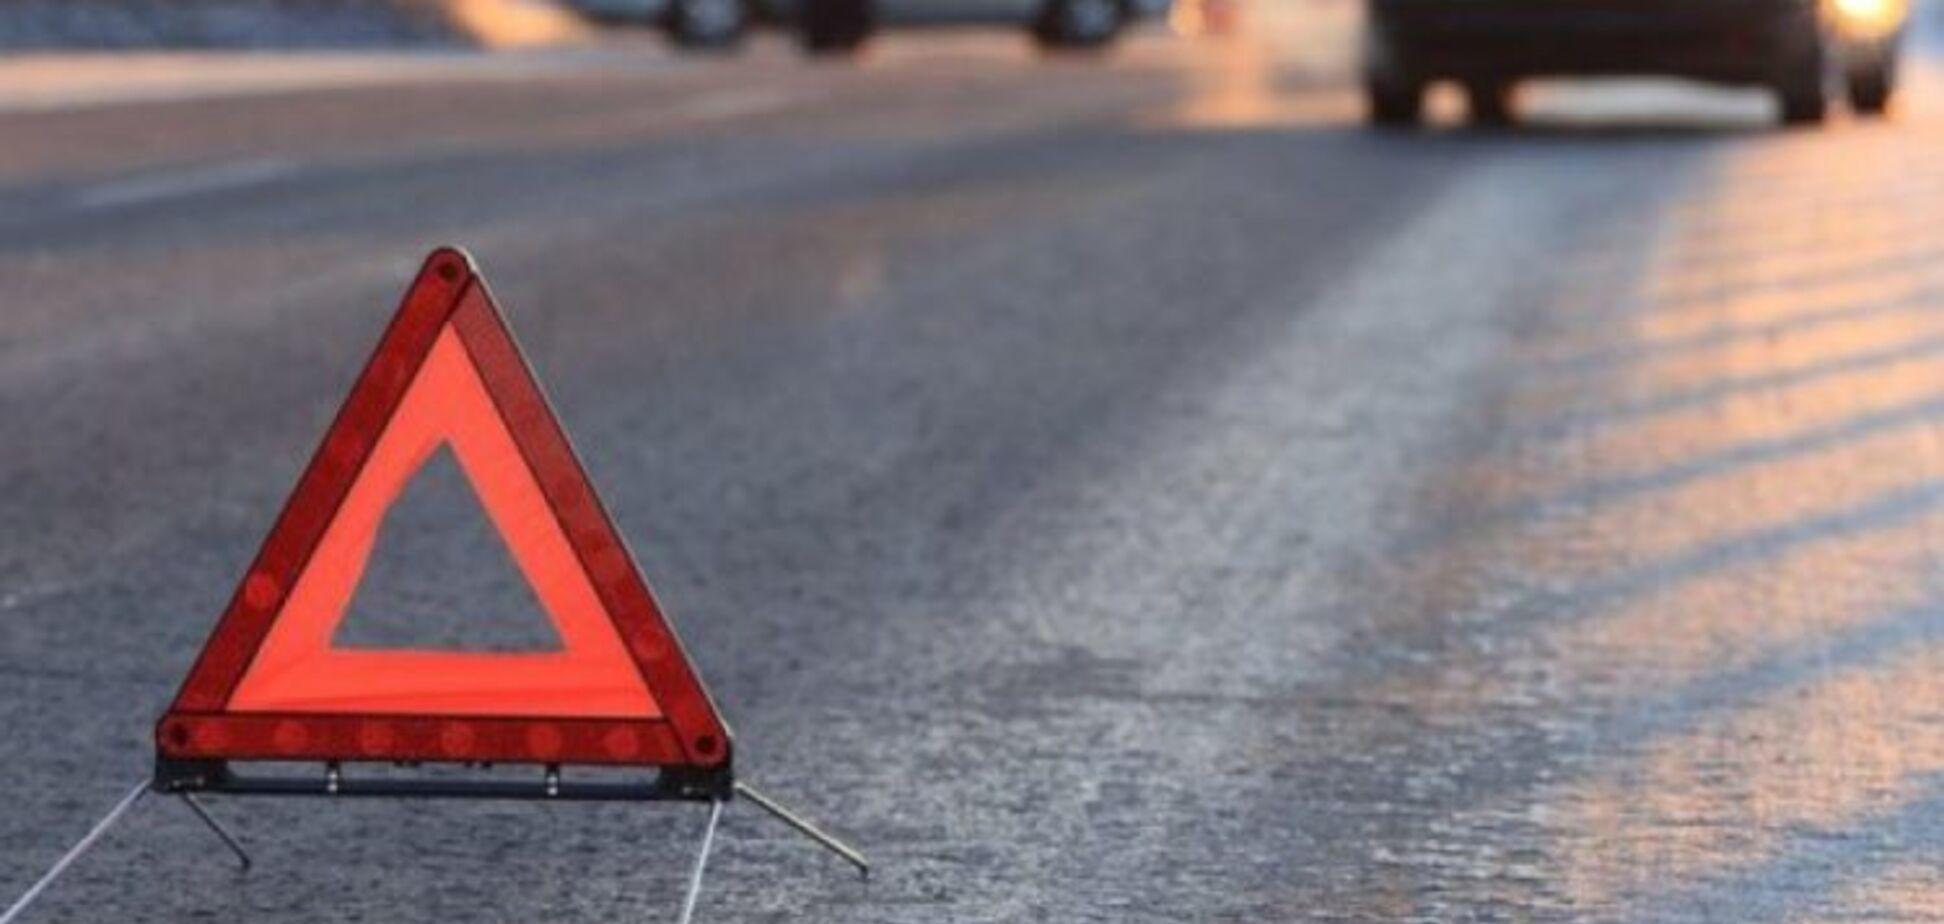 В Запорожье водитель маршрутки сбил 18-летнего парня